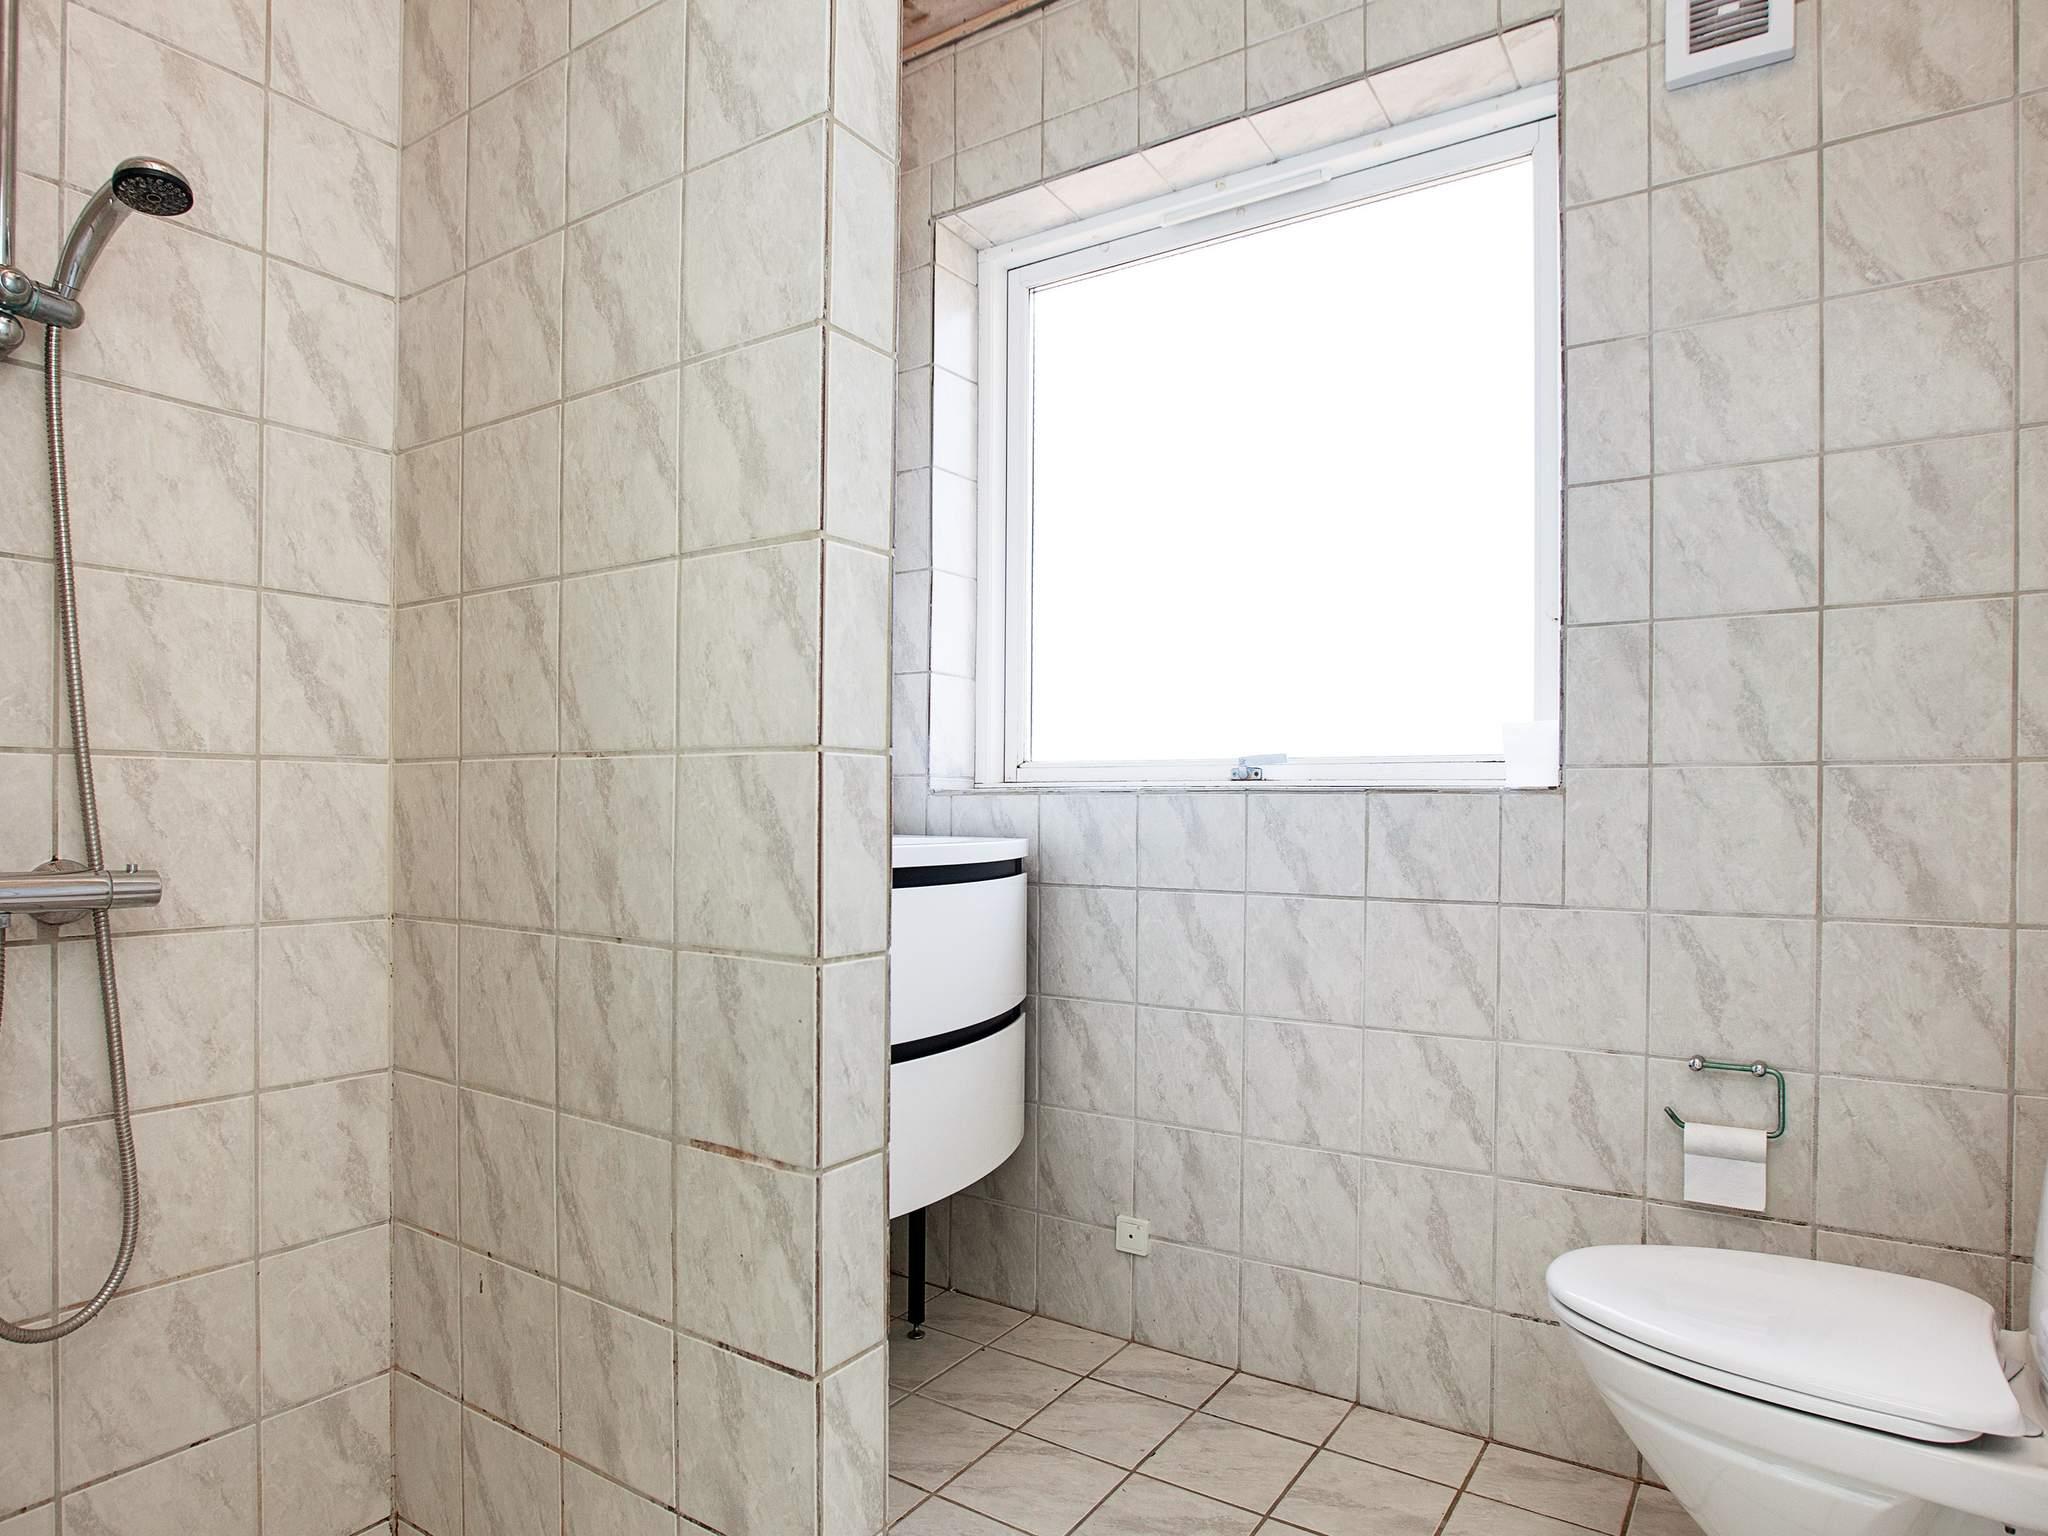 Ferienhaus Veddinge Bakker (2355598), Veddinge, , Westseeland, Dänemark, Bild 12